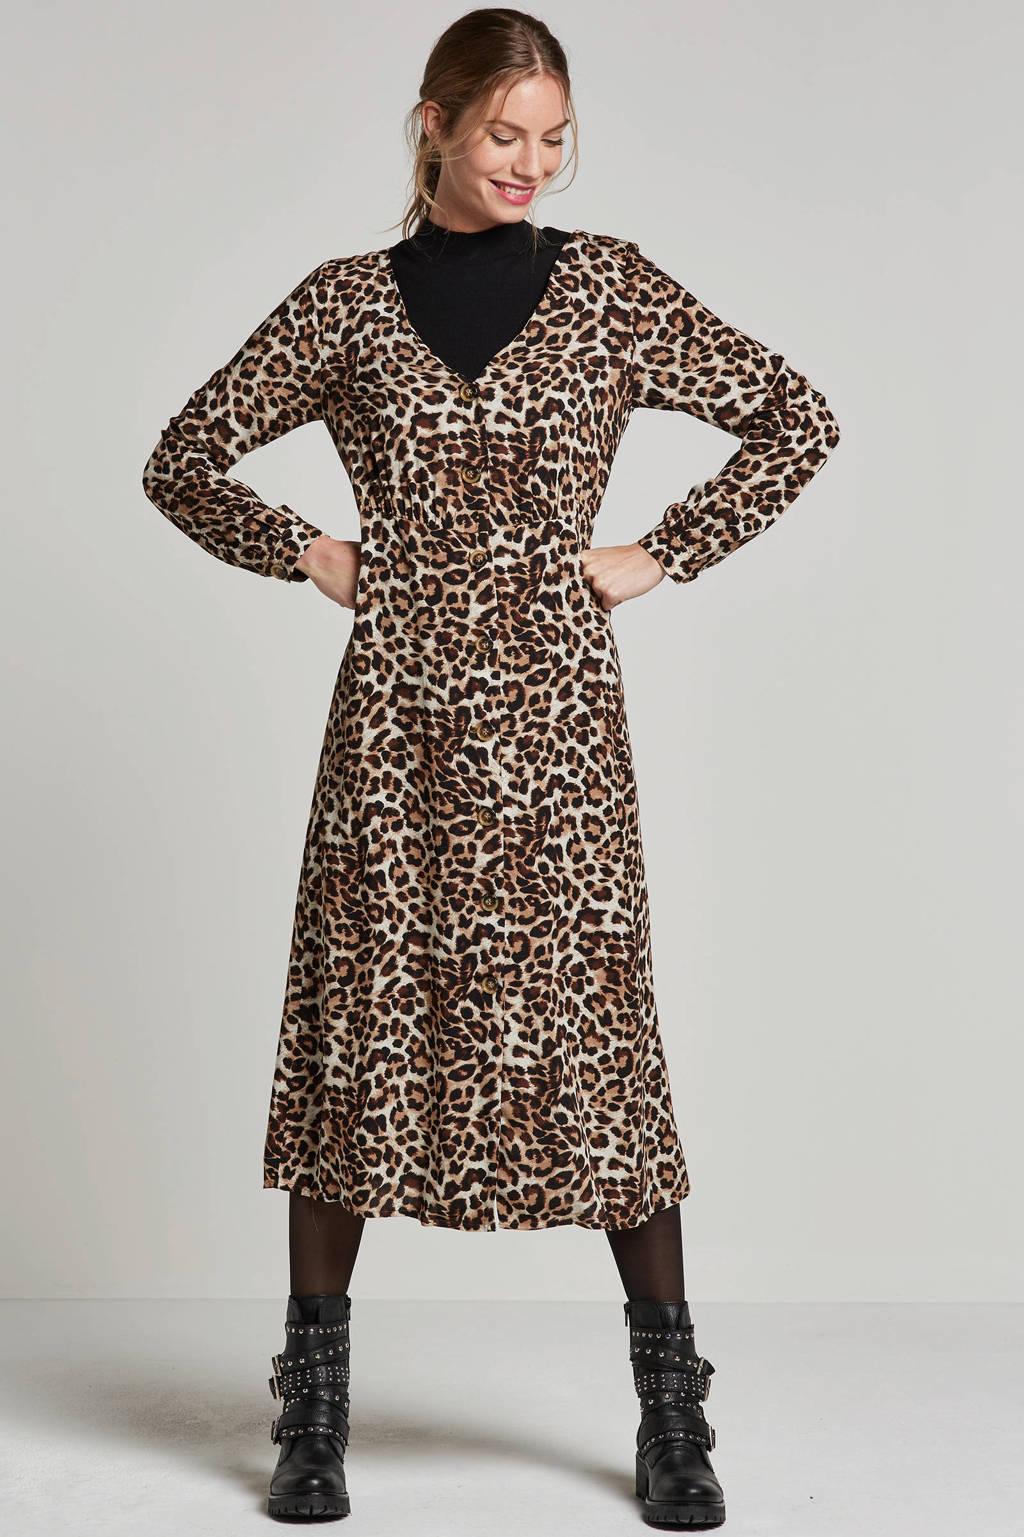 nieuwe lijst voor het hele gezin best aardig VILA blouse jurk met panterprint | wehkamp